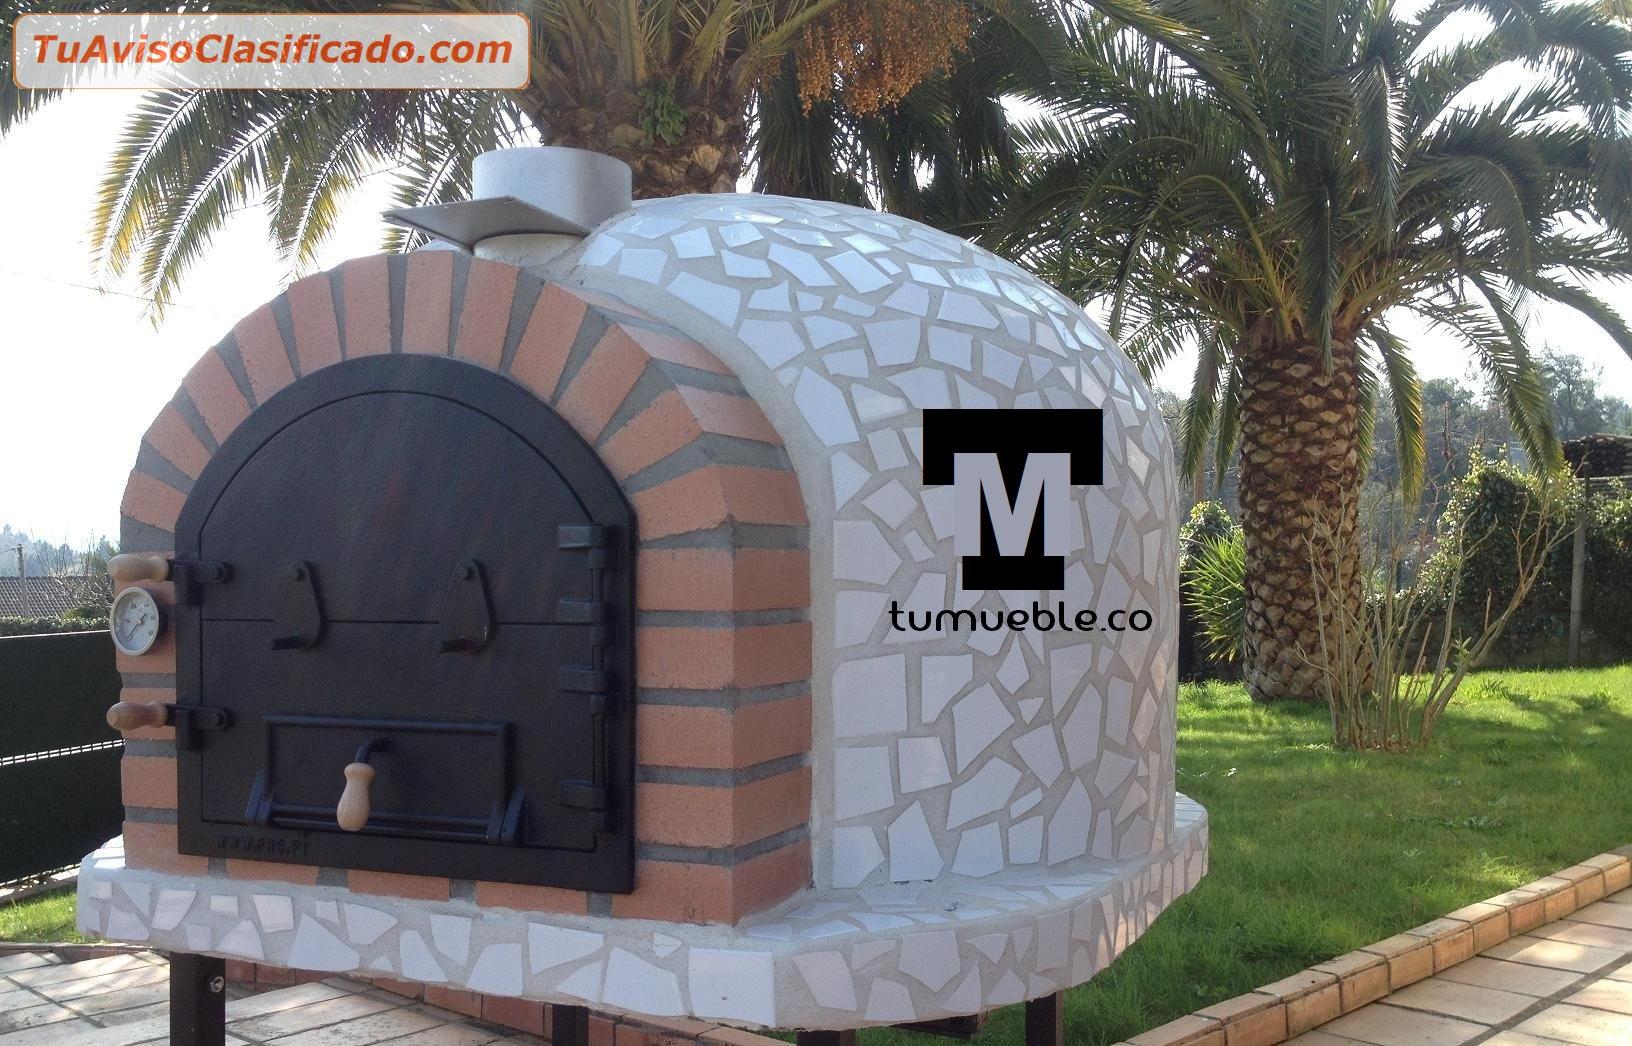 Hornos de le a colombia hornos para pizza hornos de - Chimeneas para hornos de lena ...